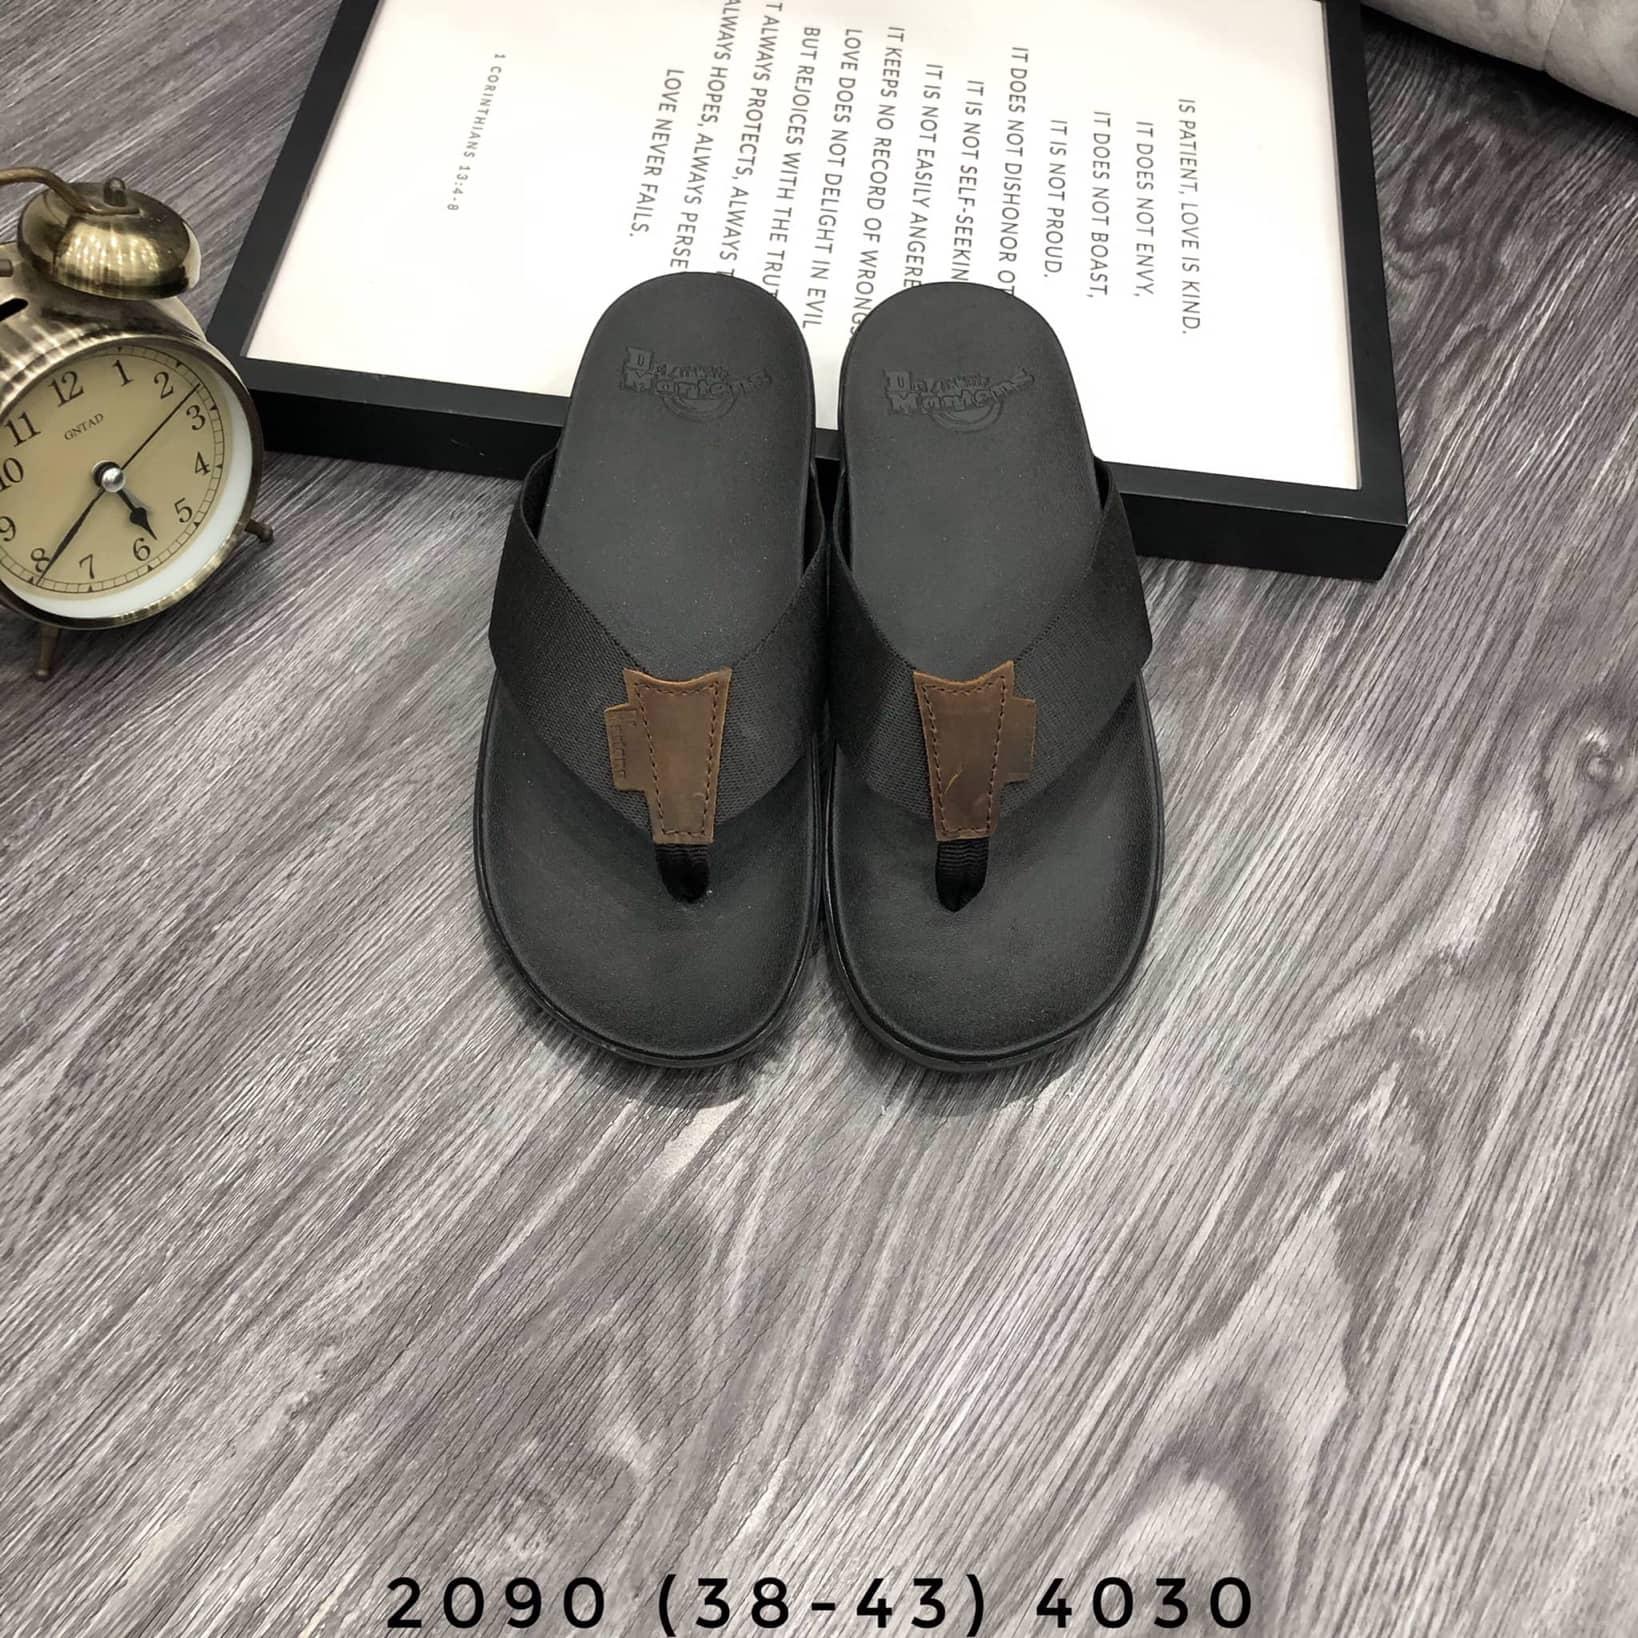 DÉP 2090 (38-43)